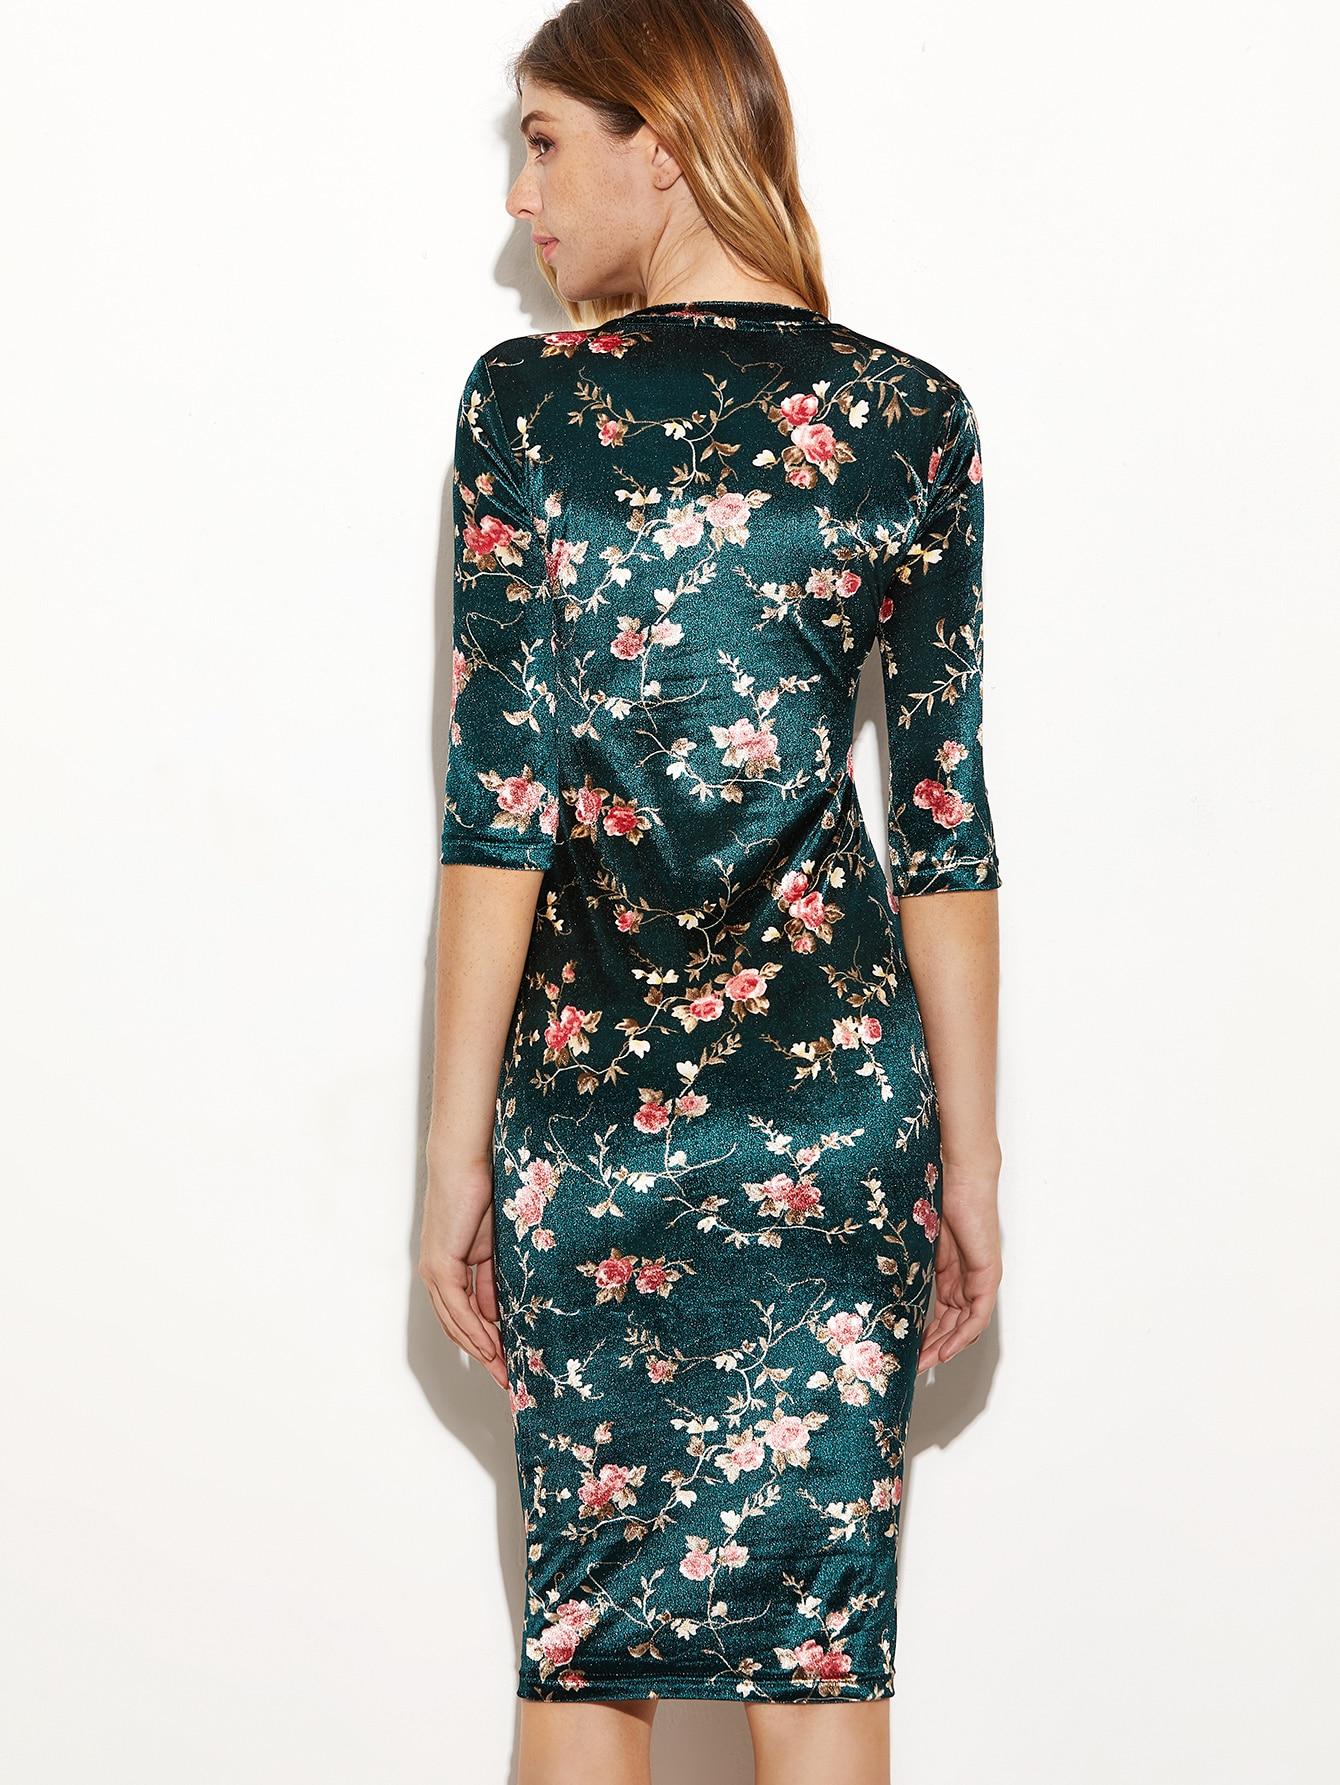 dress161110710_2